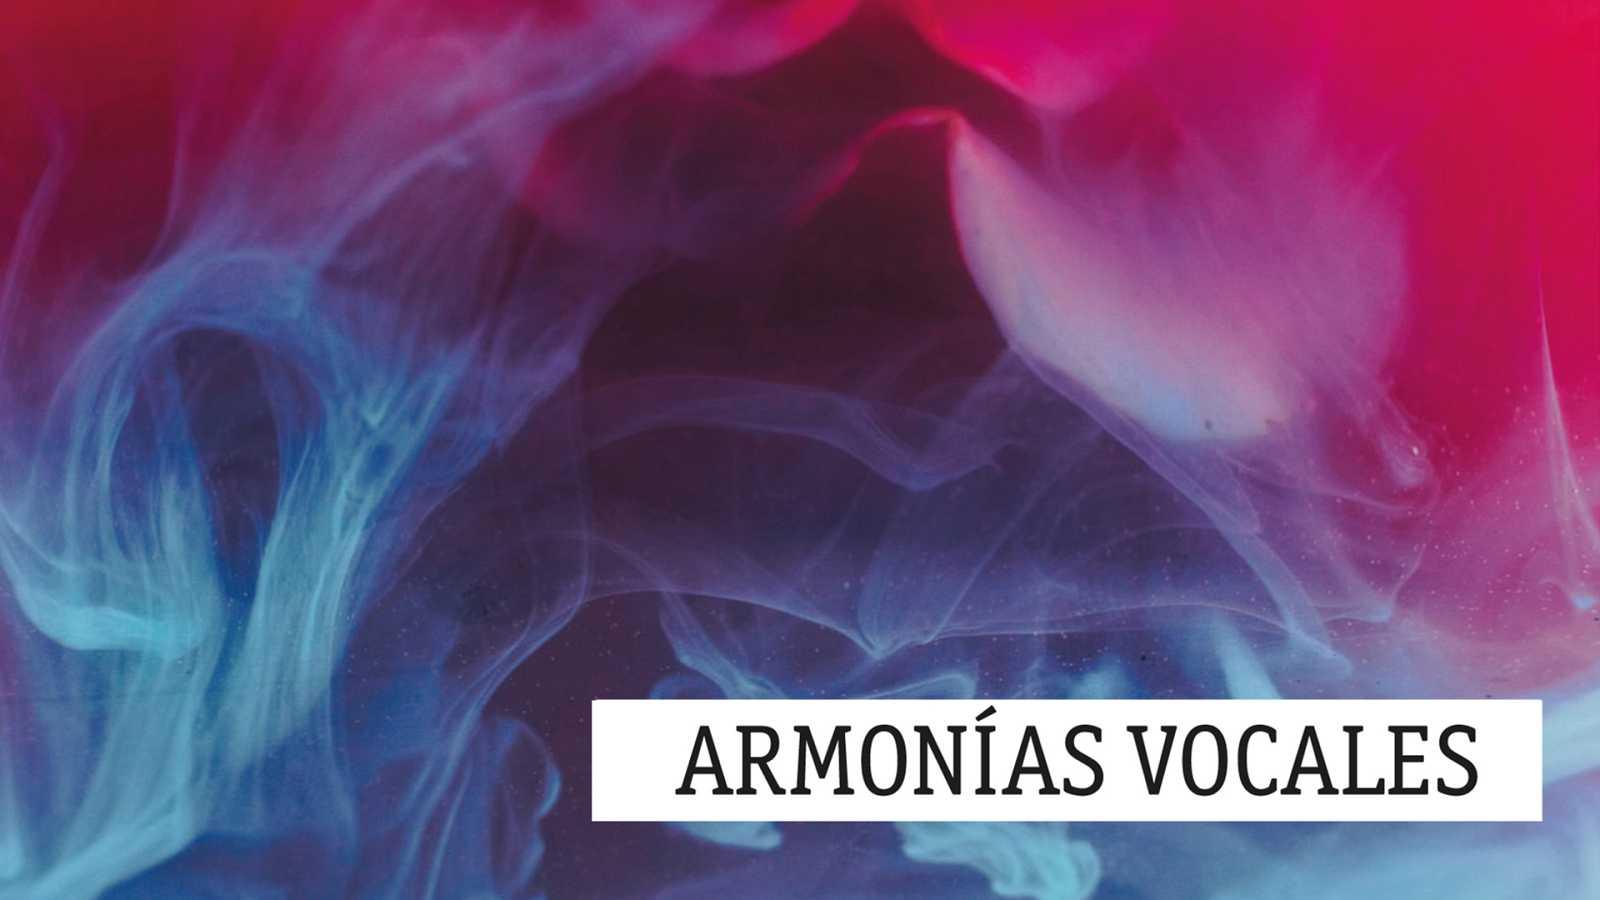 Armonías vocales - 26/12/20 - escuchar ahora